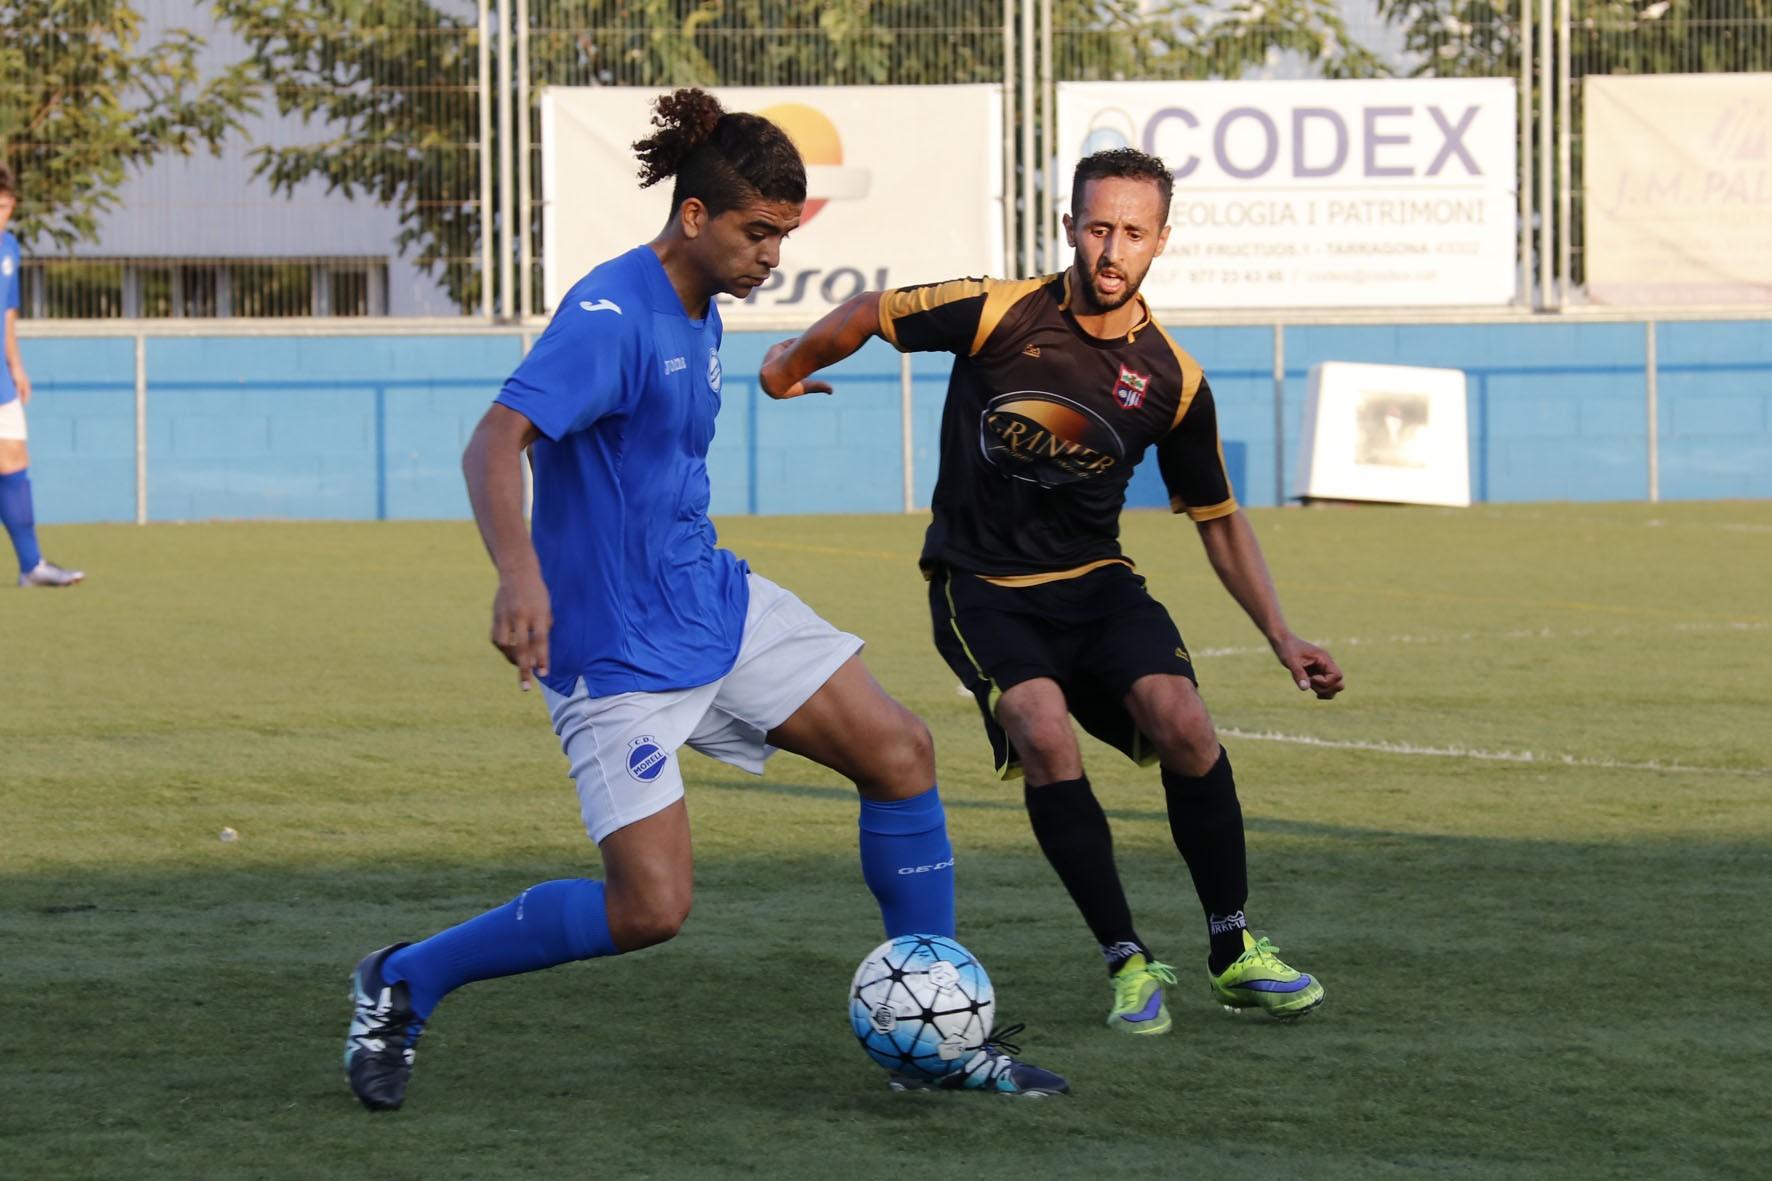 morell jugades futbol 02 vista alegre 2